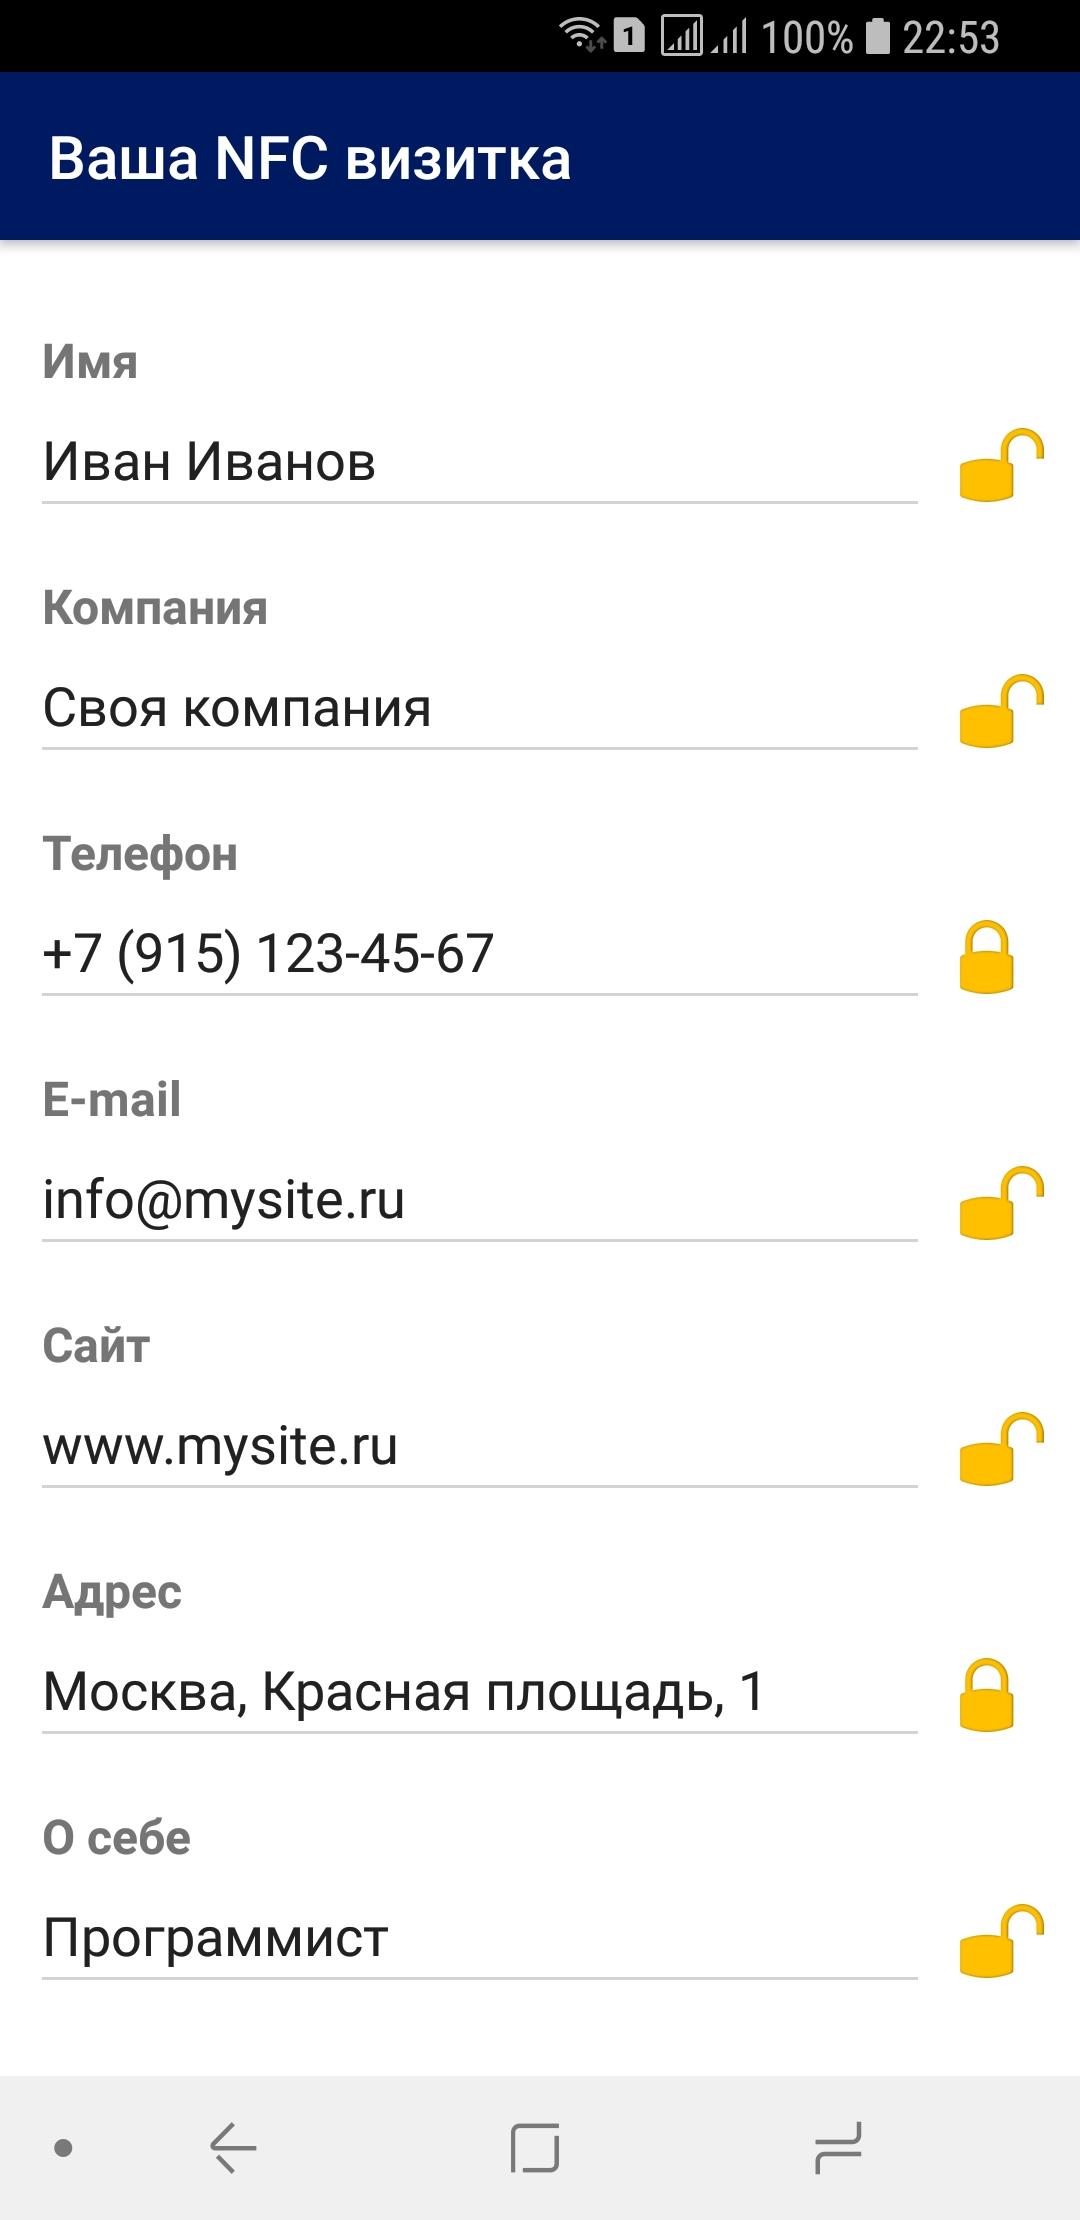 Приложение Визитка NFC